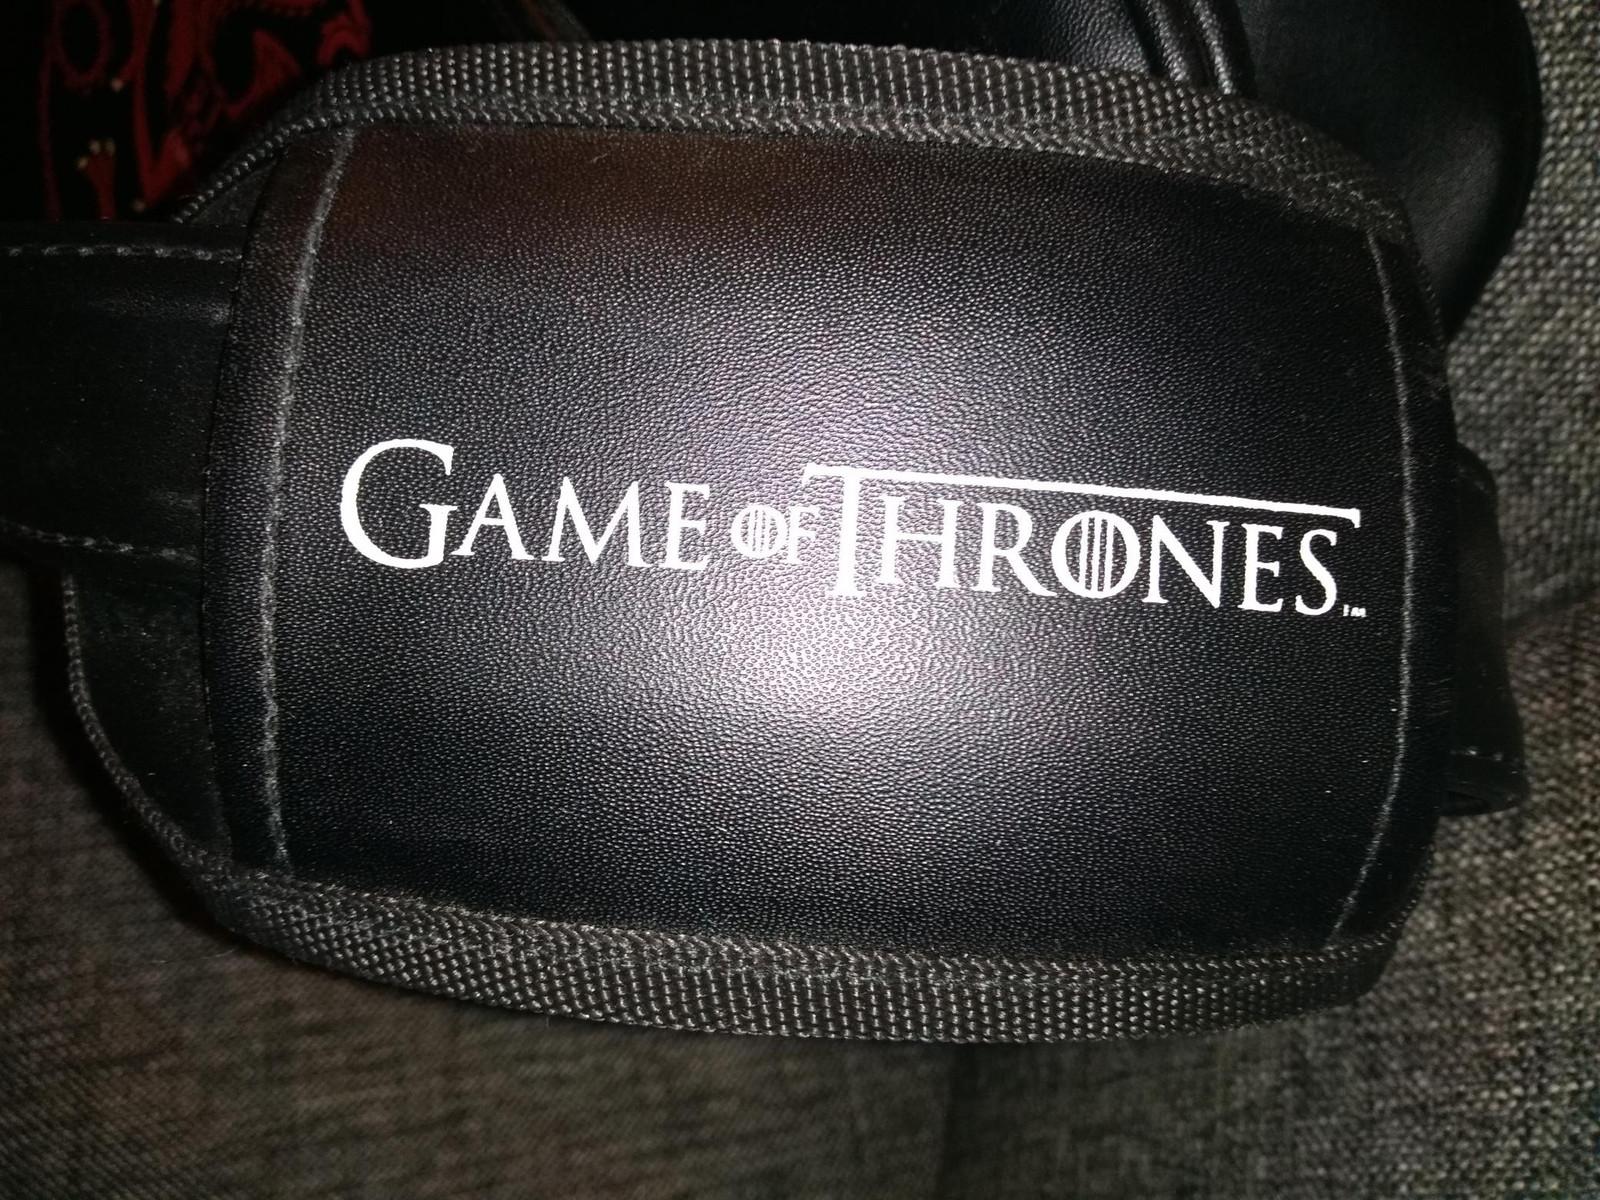 Game of thrones veske, ubrukt | FINN.no